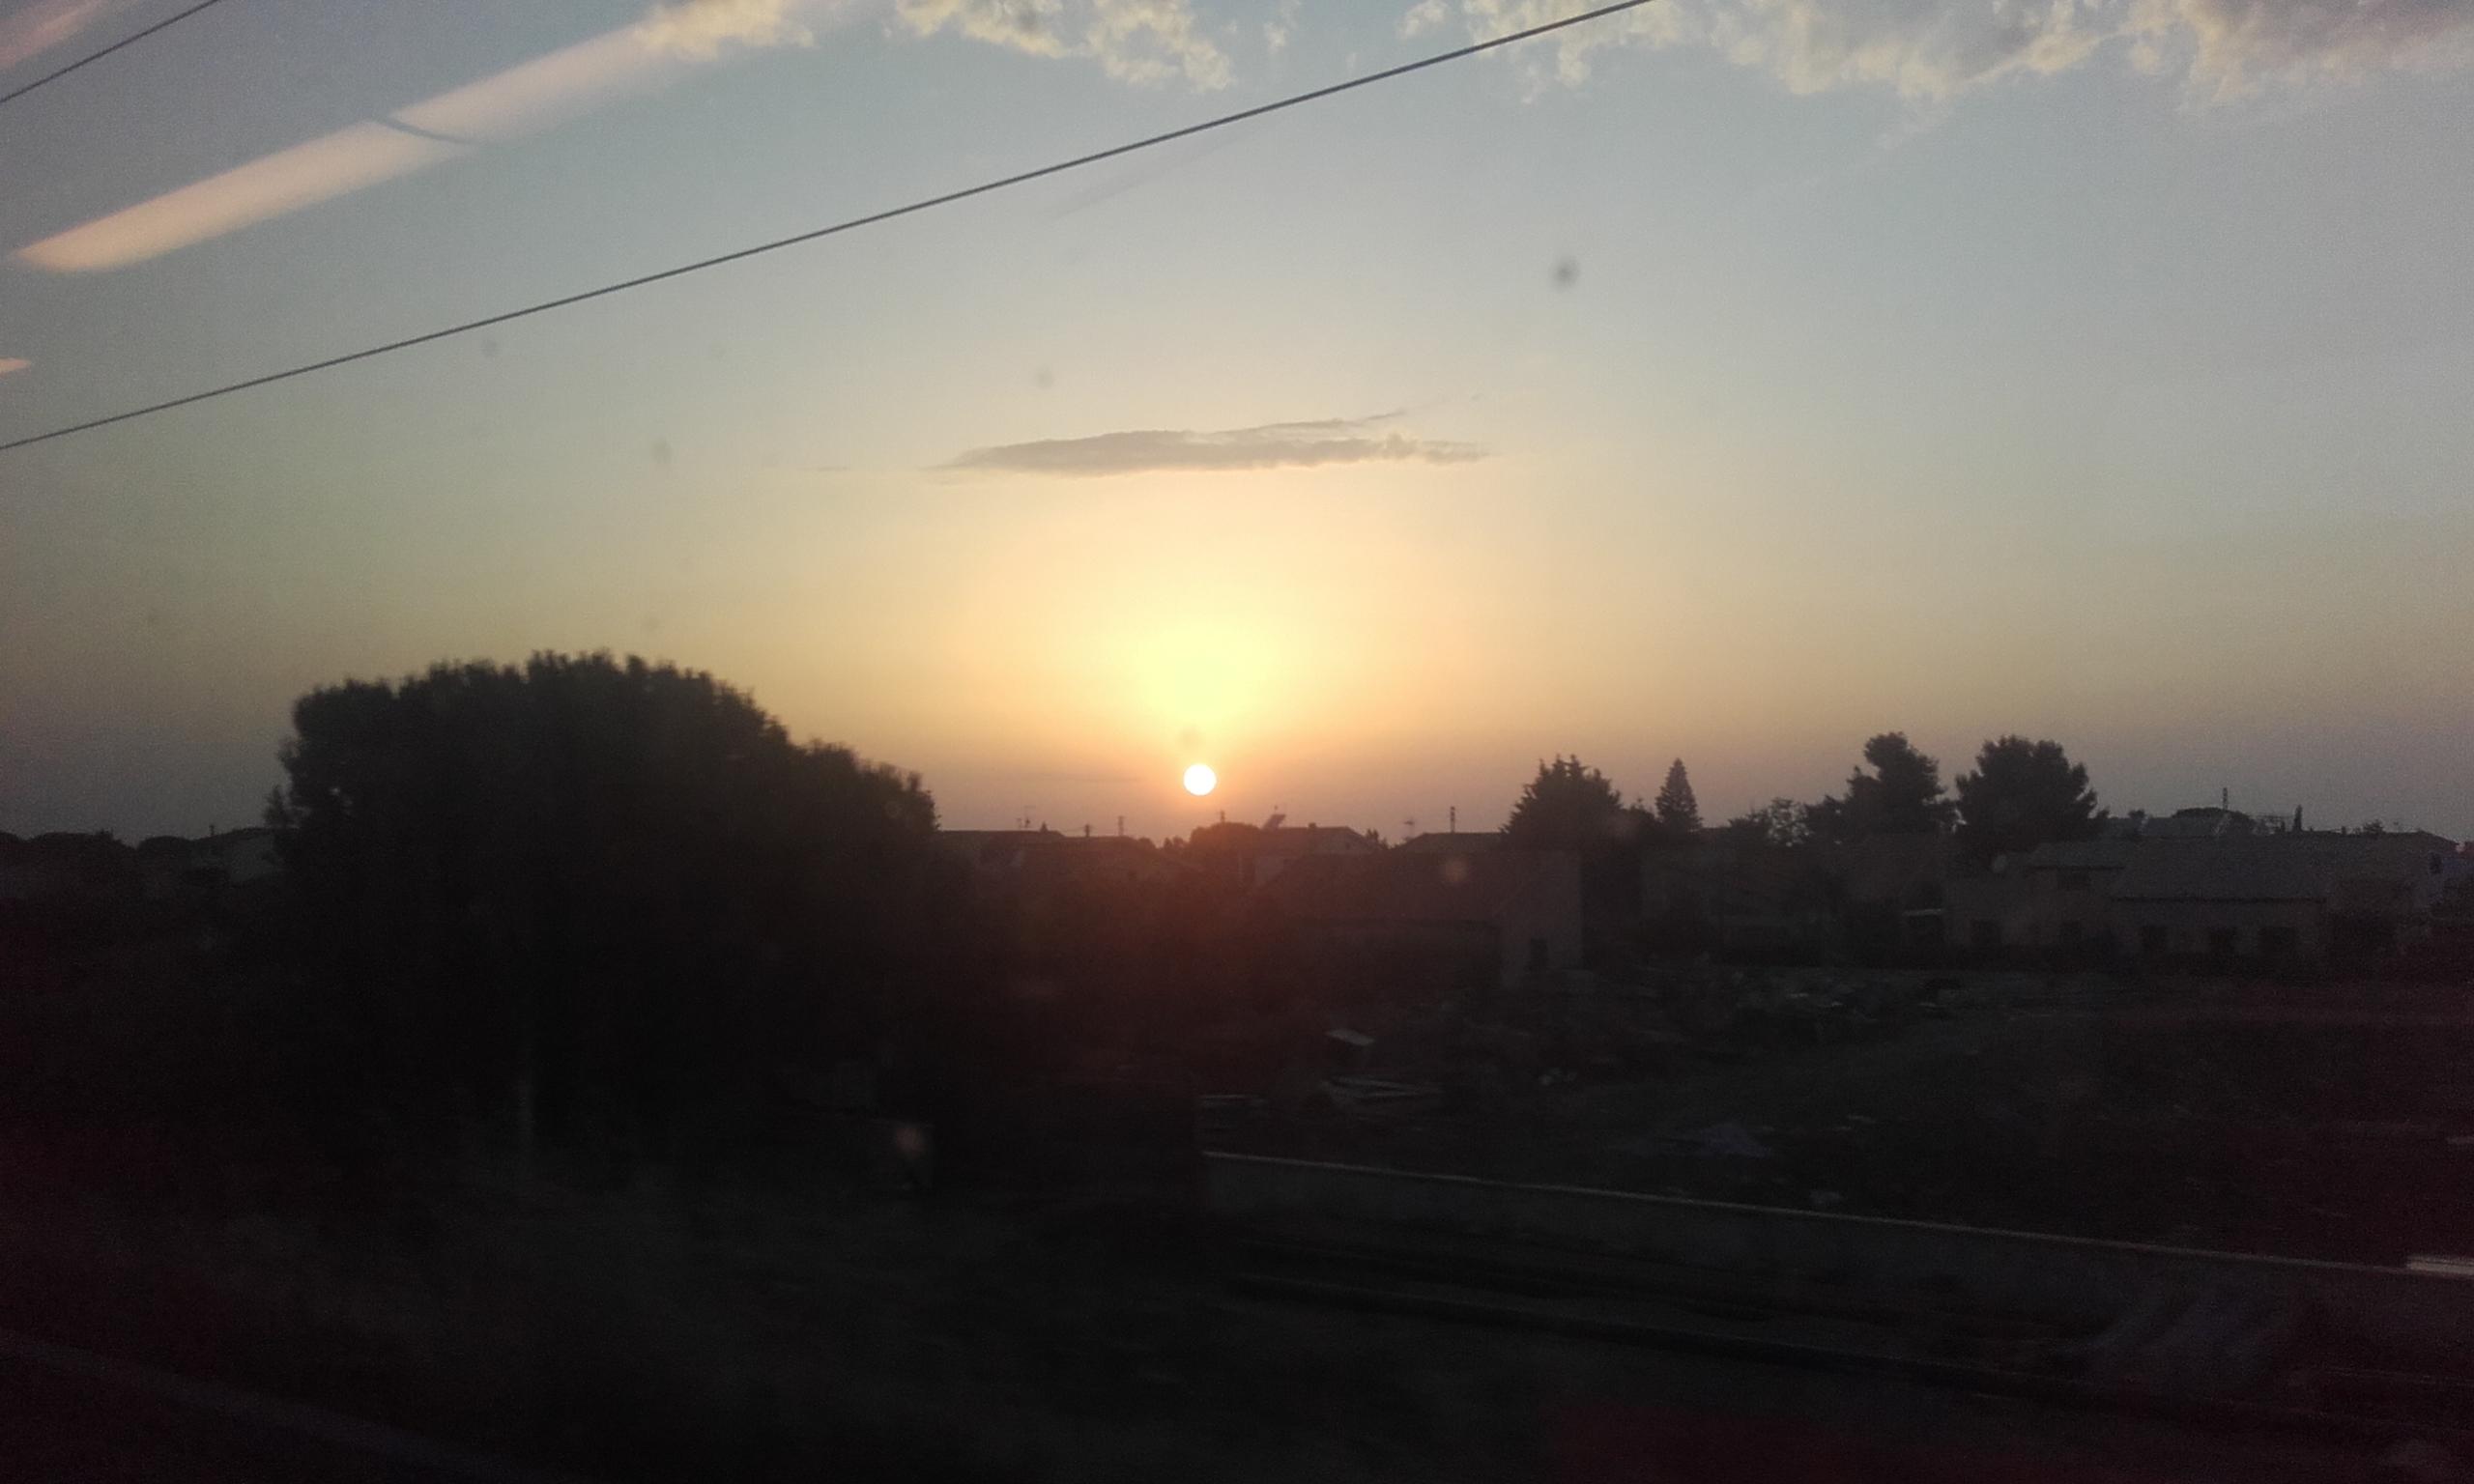 Anochecer desde el tren